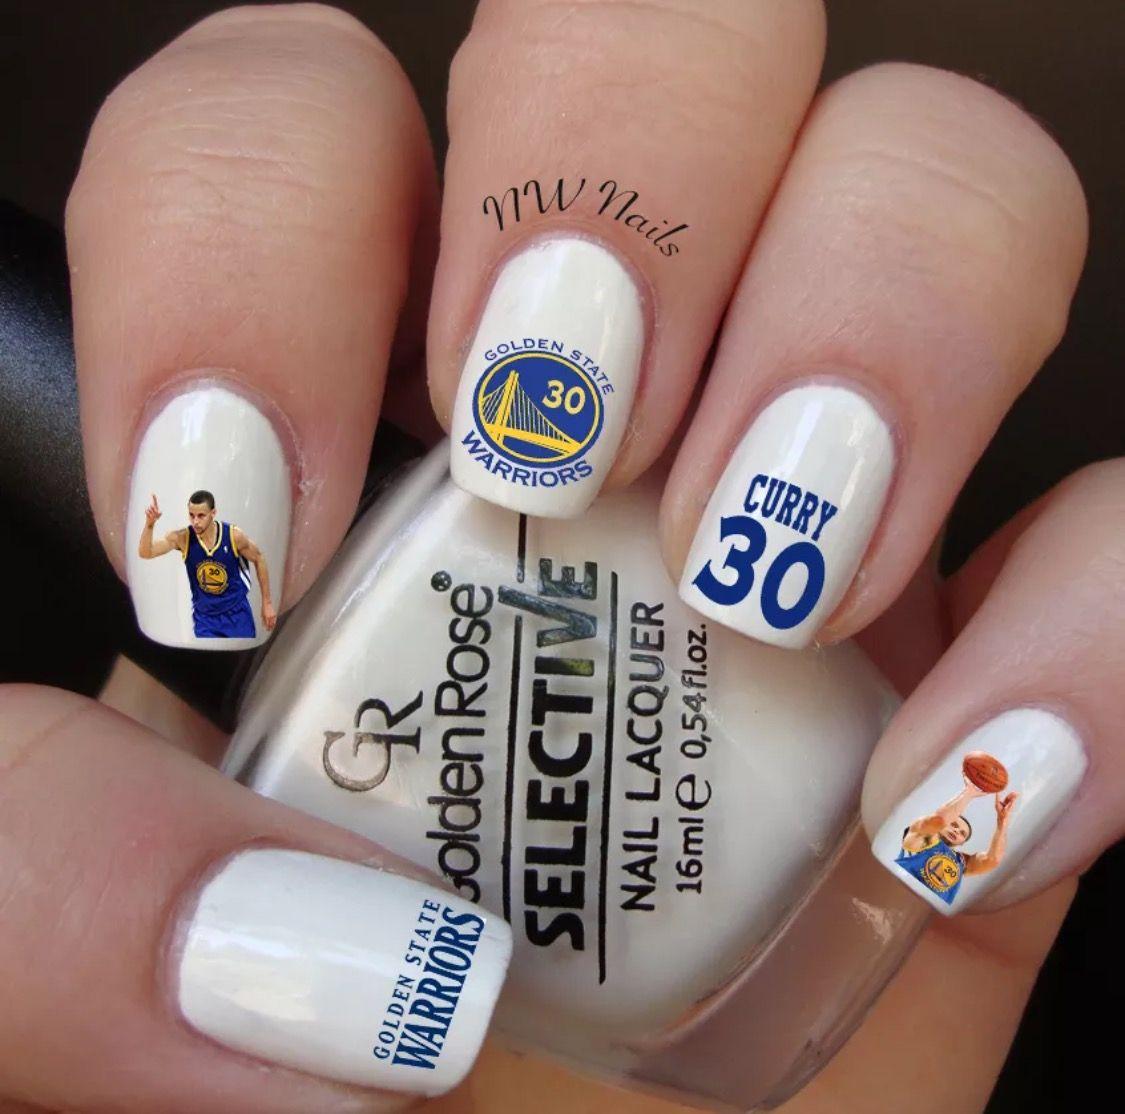 Pin by Kim Carroll on Golden State Warriors   Pinterest   Golden ...